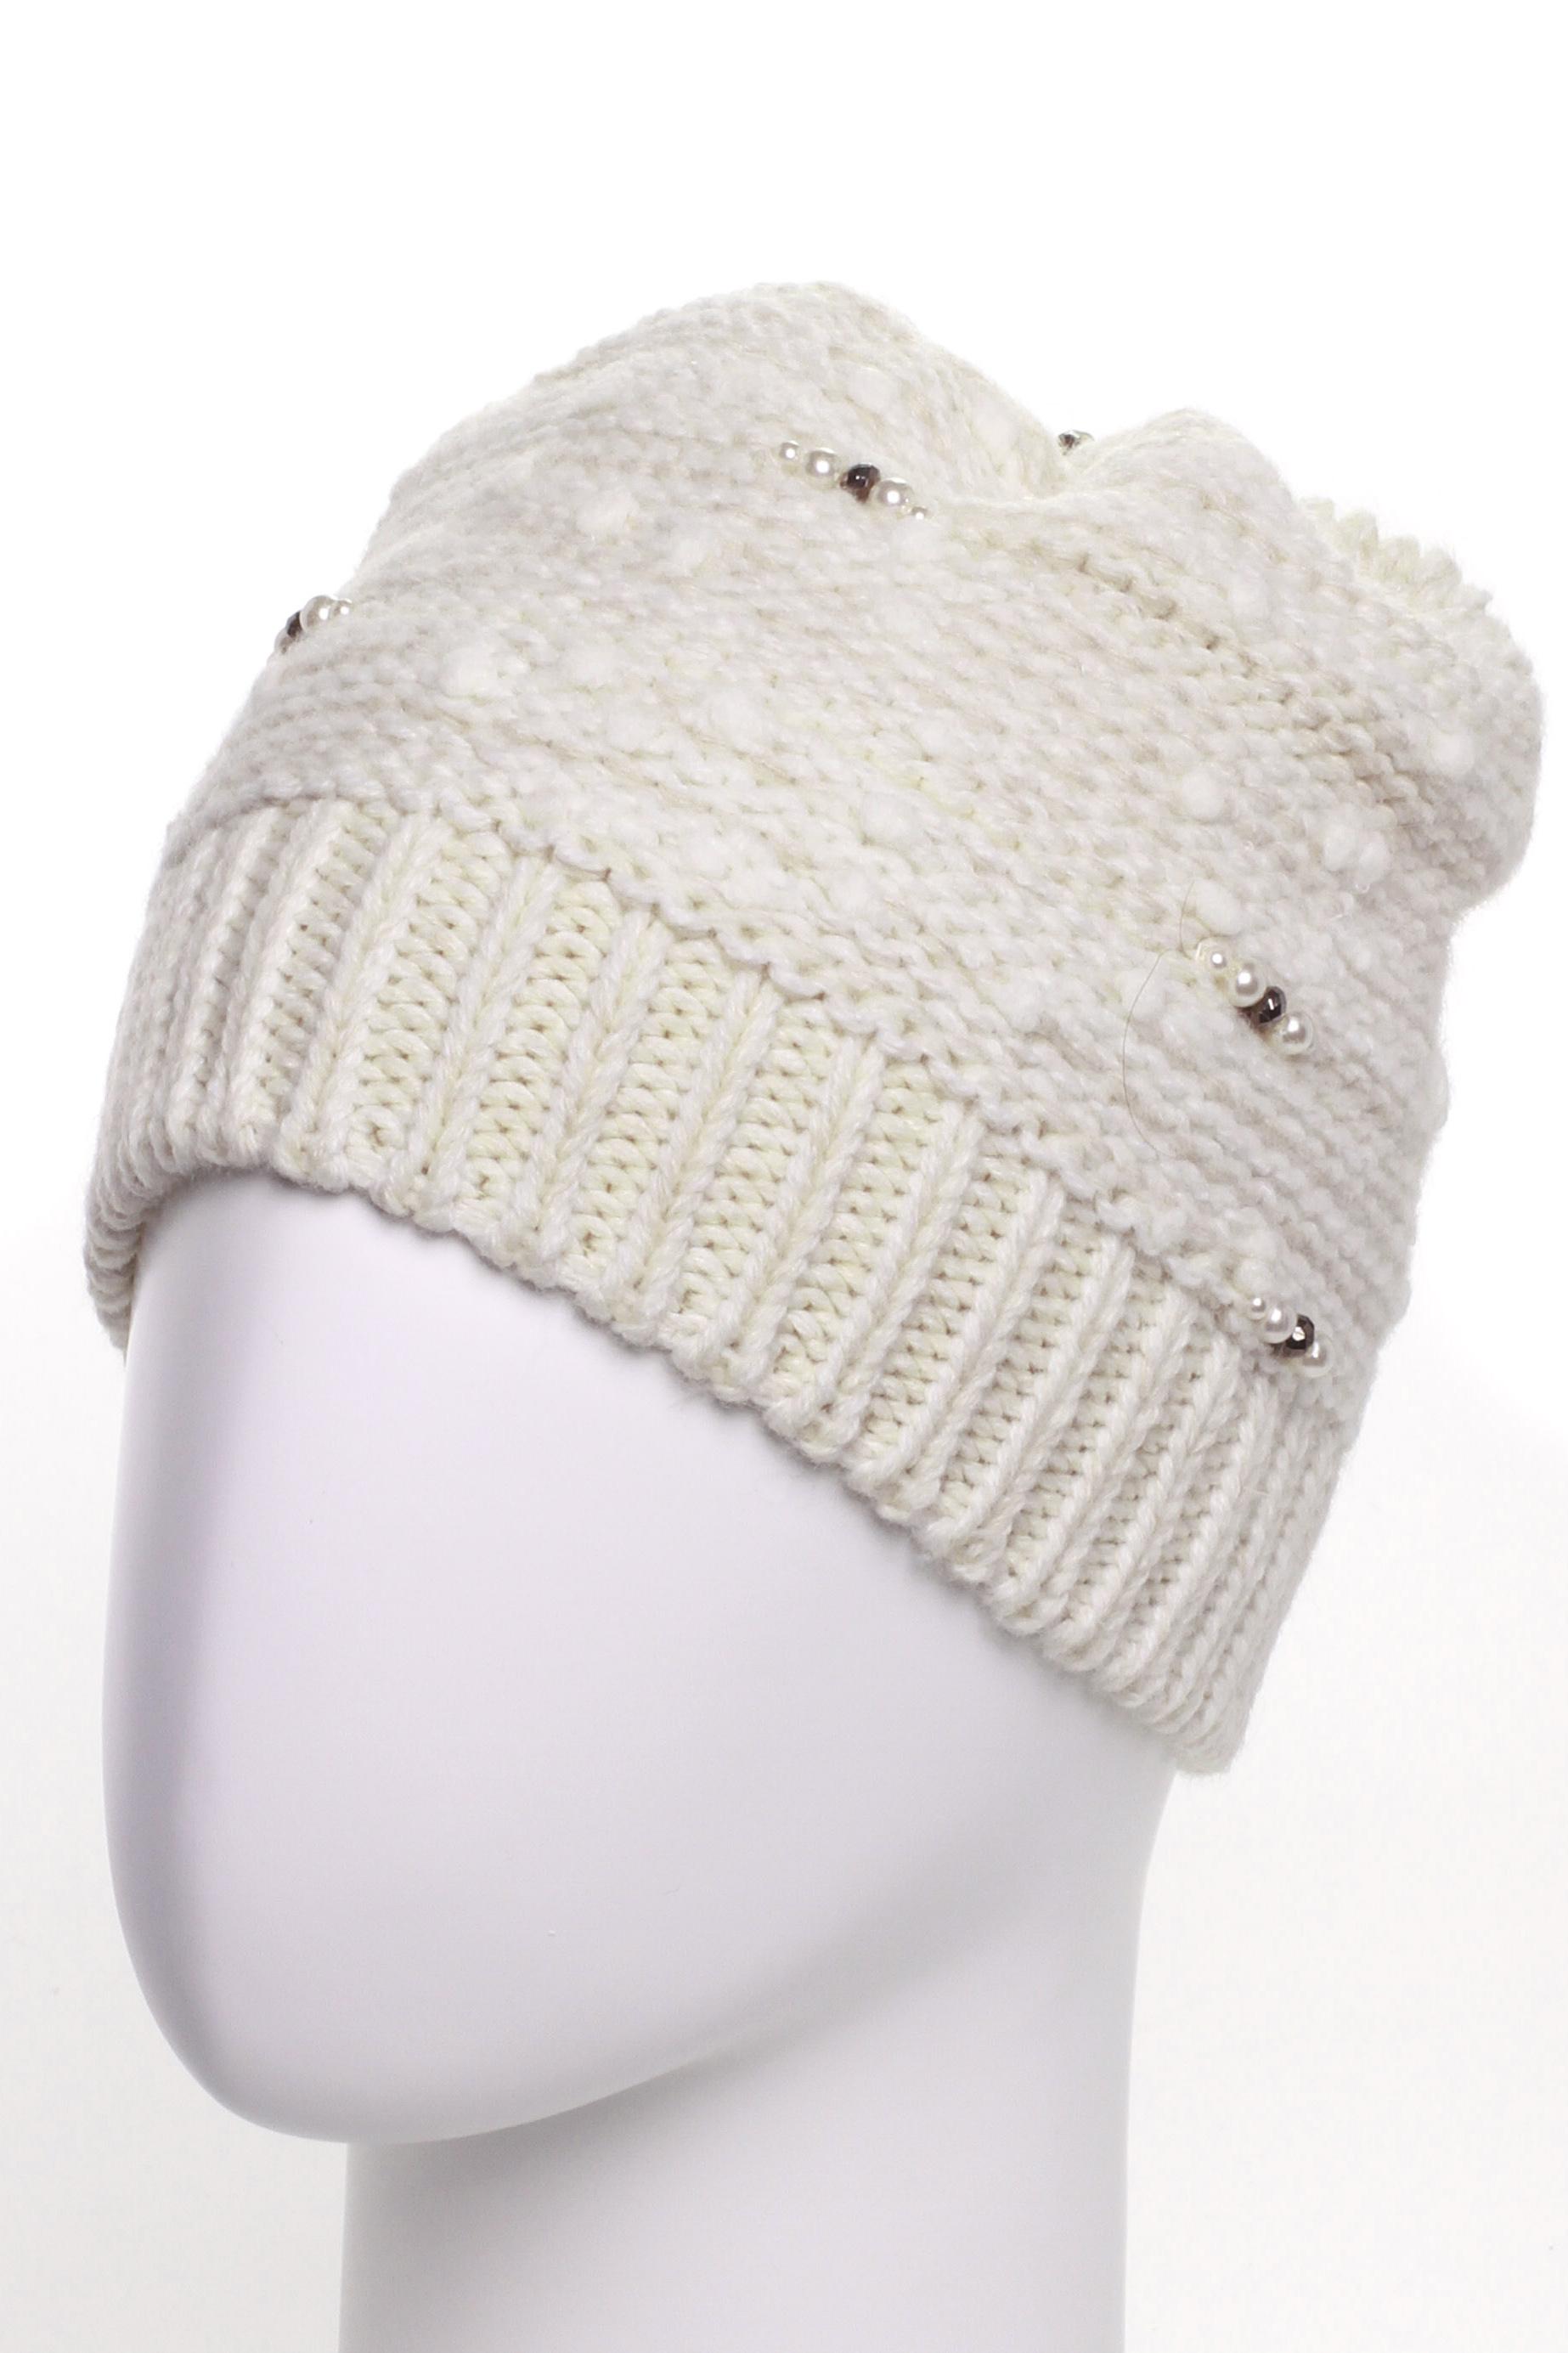 ШапкаШапки<br>Стильная шапка защитит Вас от непогоды и станет прекрасным дополнением Вашего образа.  В изделии использованы цвета: белый<br><br>По материалу: Вязаные<br>По рисунку: Однотонные<br>По элементам: С декором<br>По сезону: Зима<br>Размер : universal<br>Материал: Вязаное полотно<br>Количество в наличии: 1